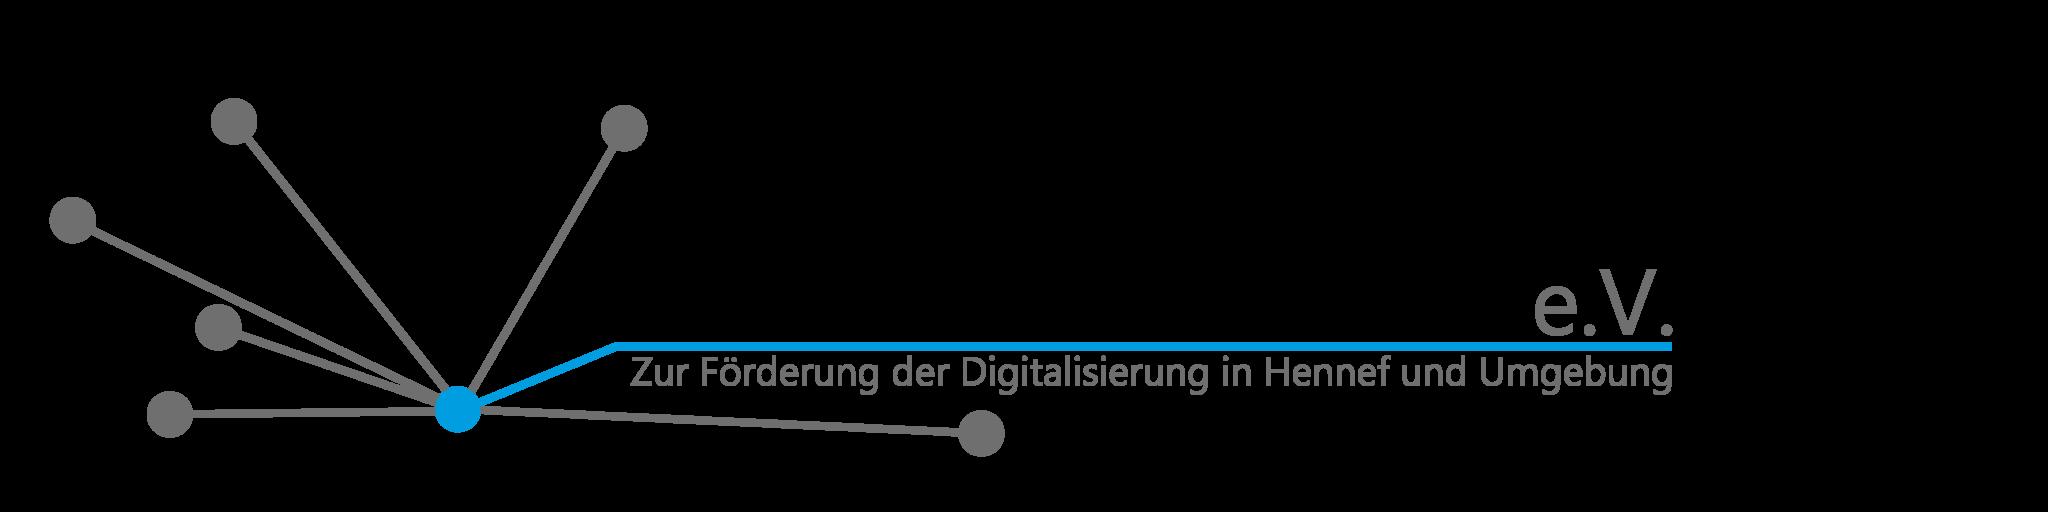 logo_final_trans